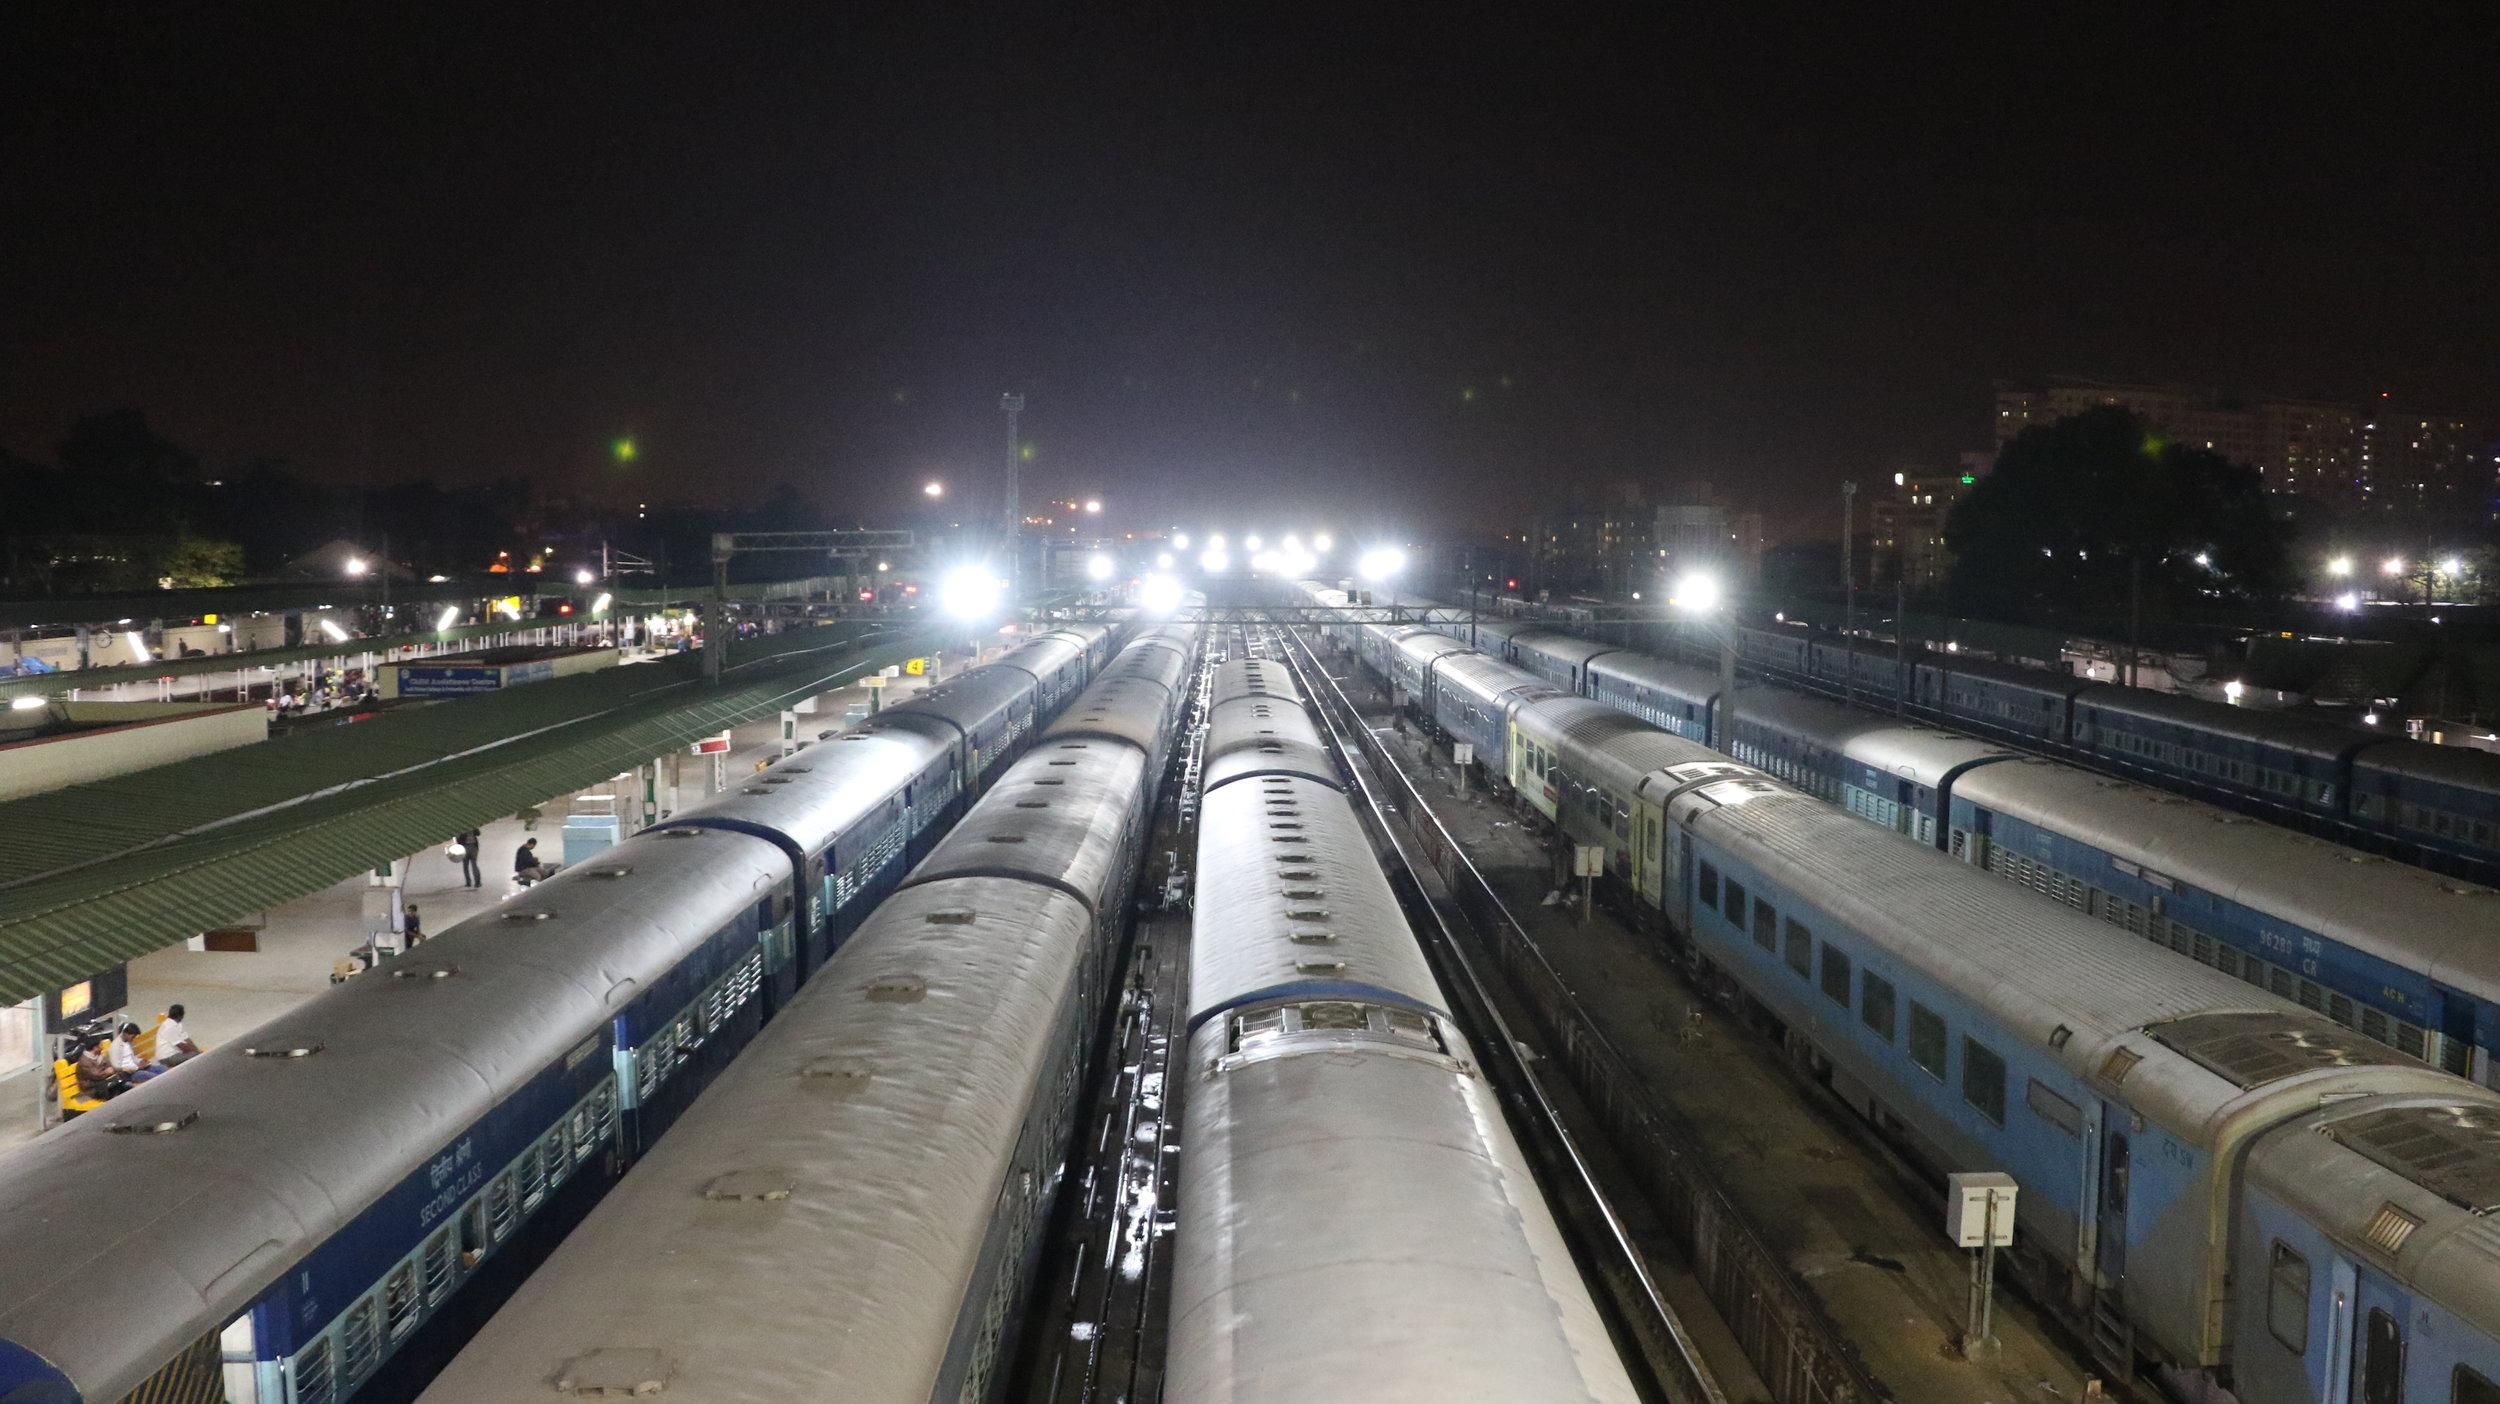 Bengaluru City Train Station at night.jpg